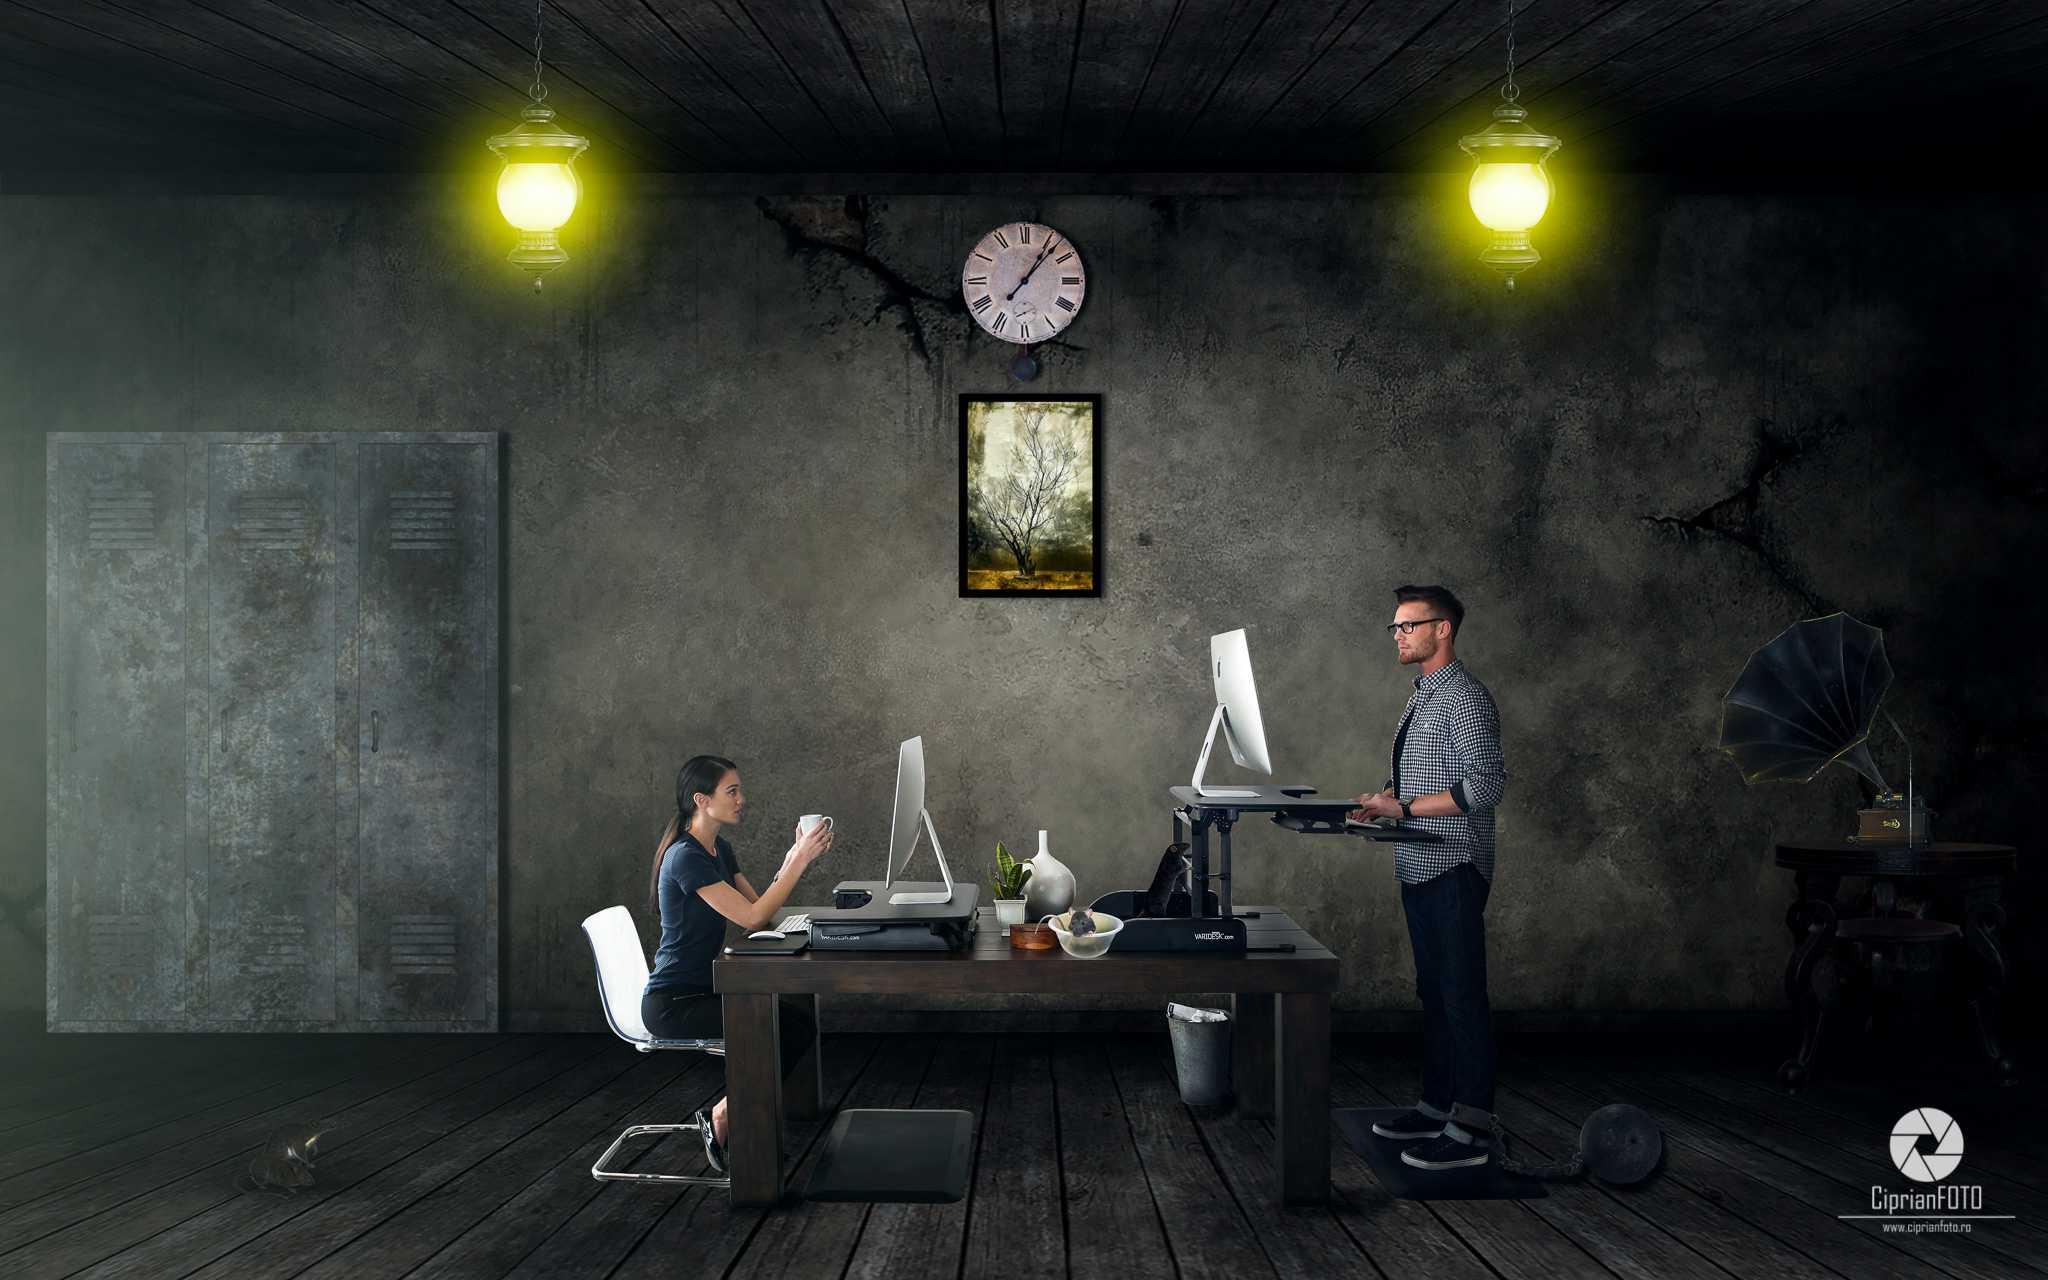 Modern_Humans_Photoshop_Manipulation_Tutorial_CiprianFOTO